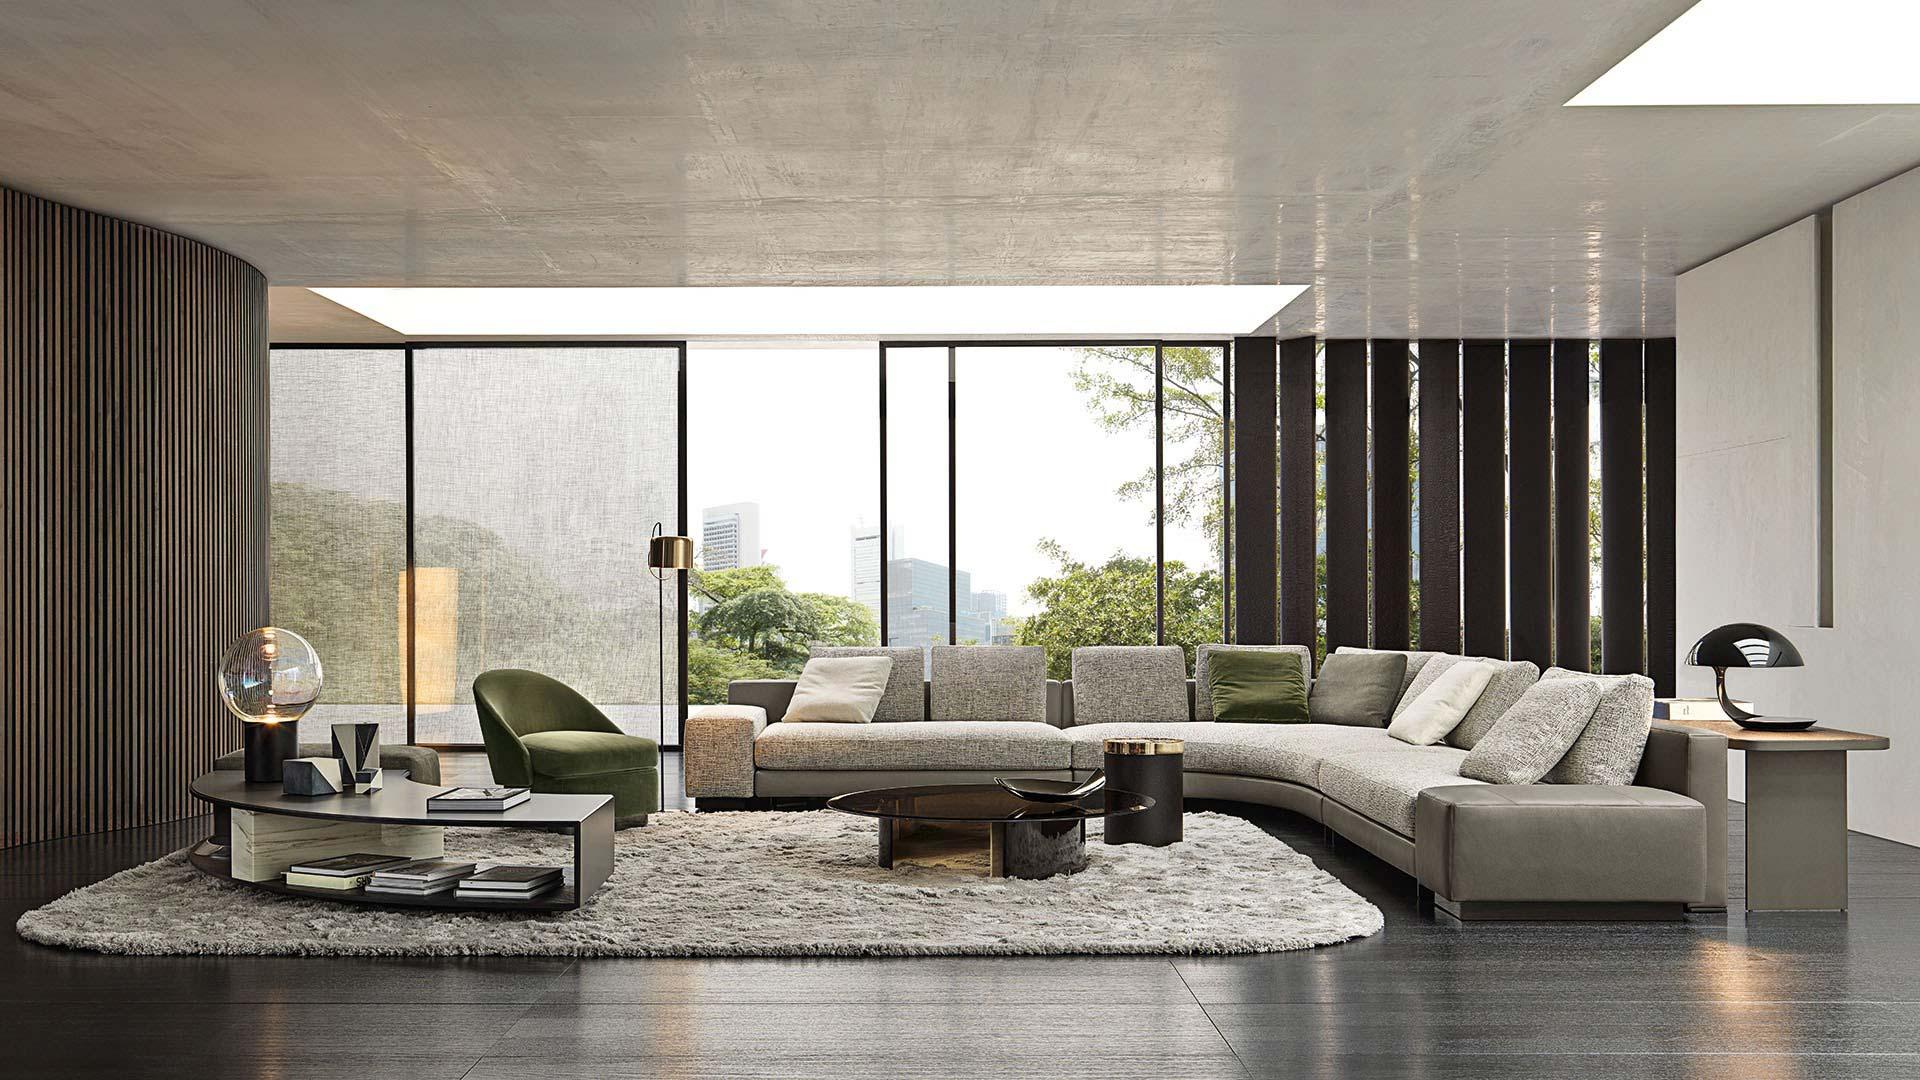 Dịch vụ giặt ghế sofa tại Đà Lạt cùng BeeClean